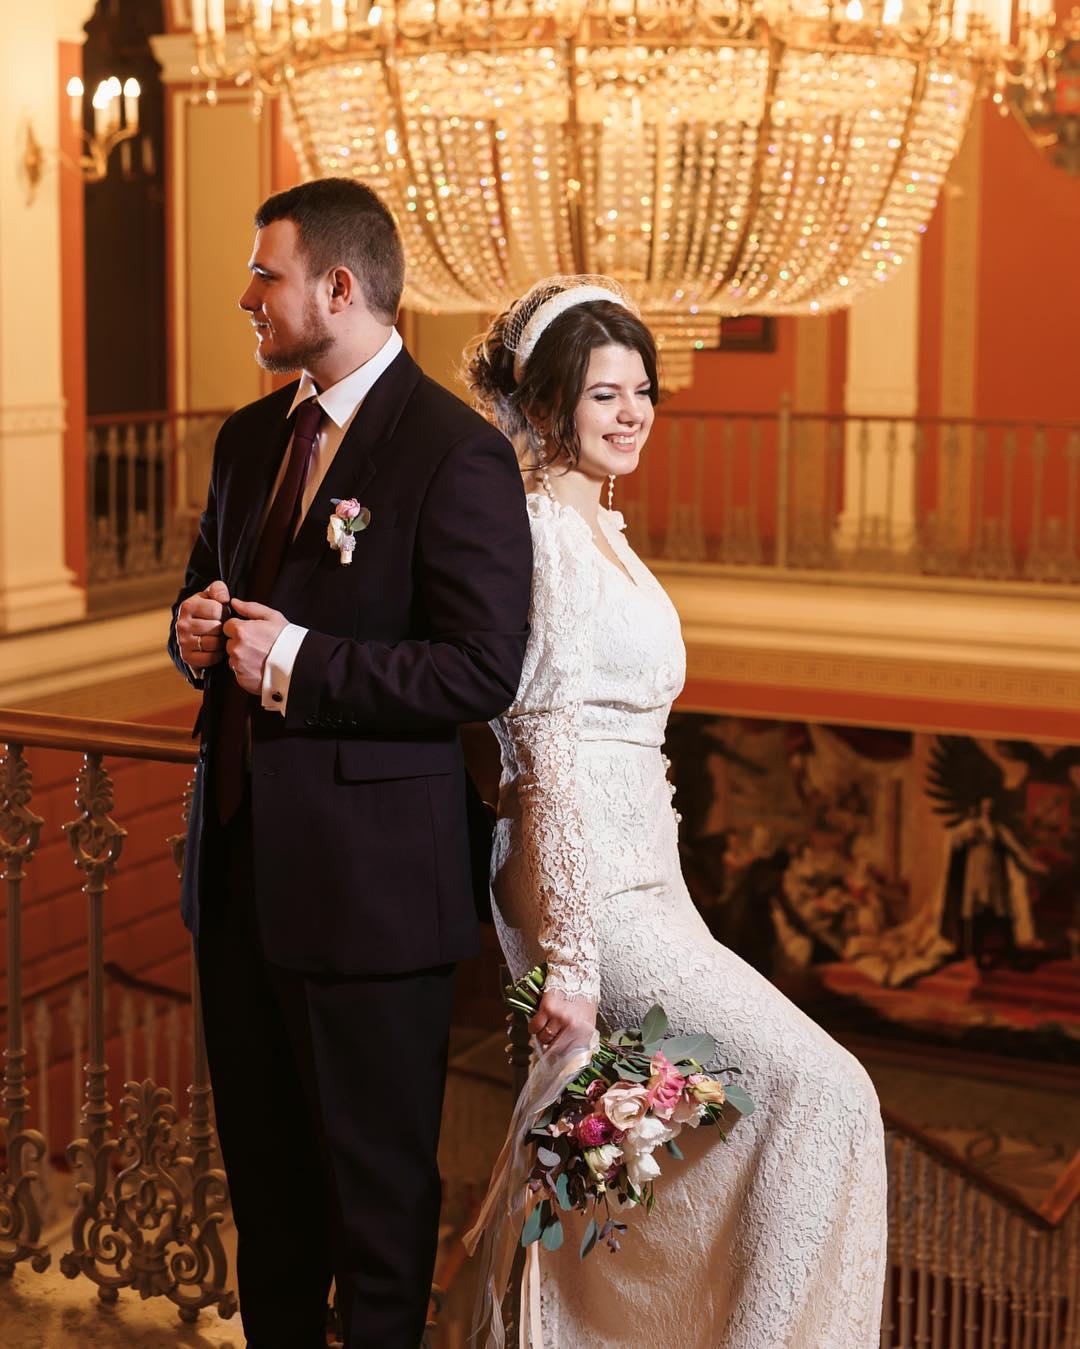 Свадебная фотосессия в Санкт-Петербурге - лучшие места в плохую погоду